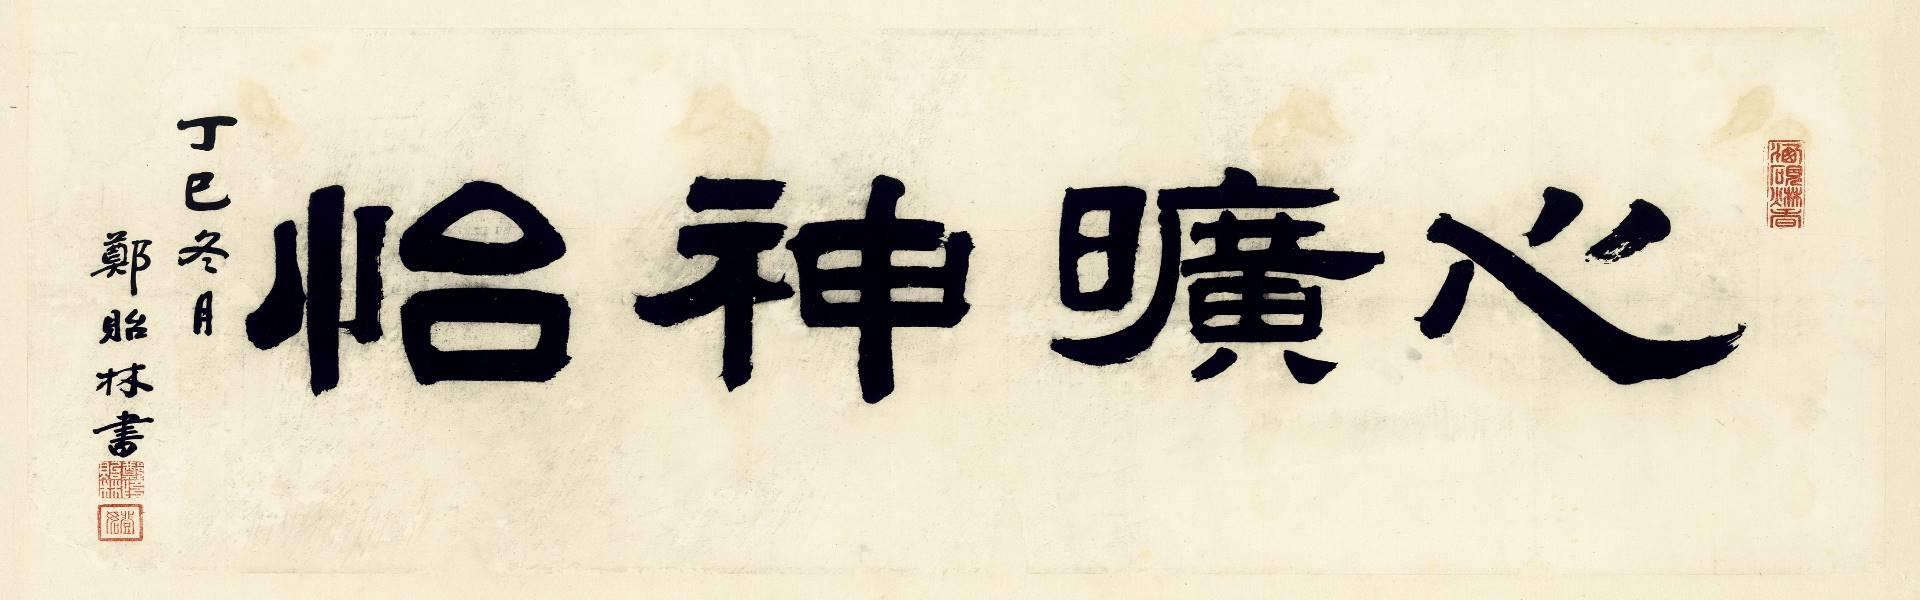 從線條到網絡︰陳澄波書畫收藏展[另開新視窗]